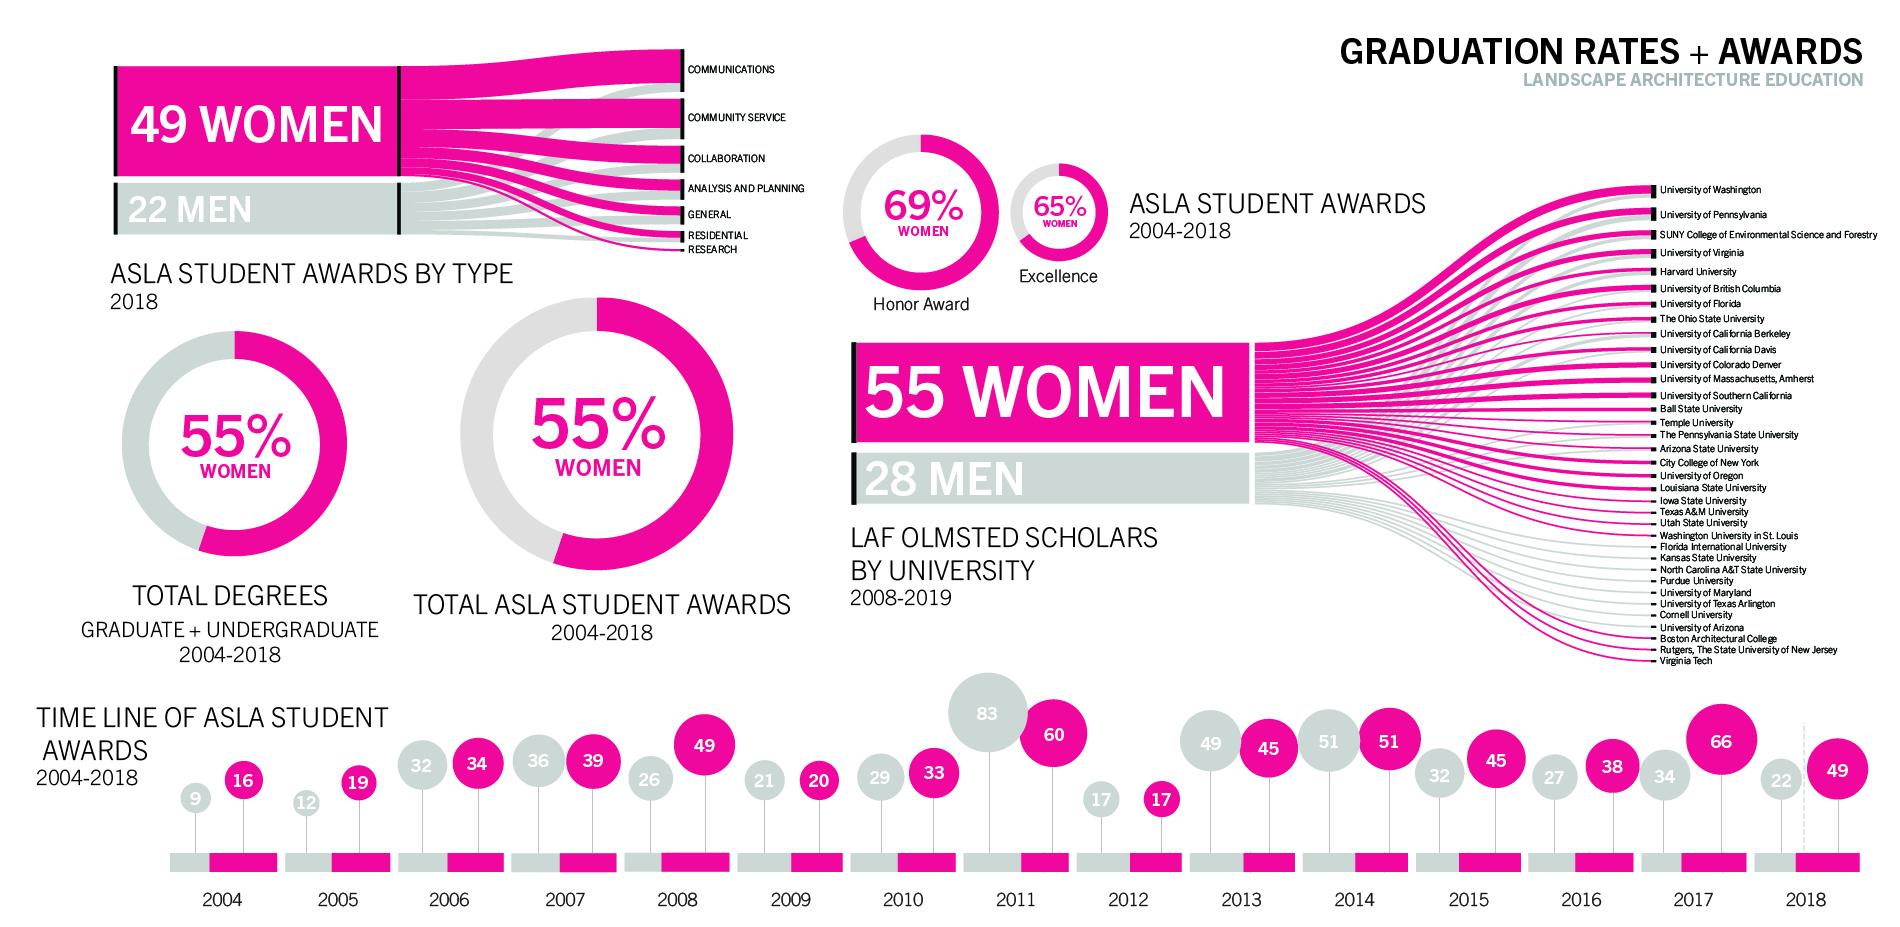 Graduation Rates + Awards